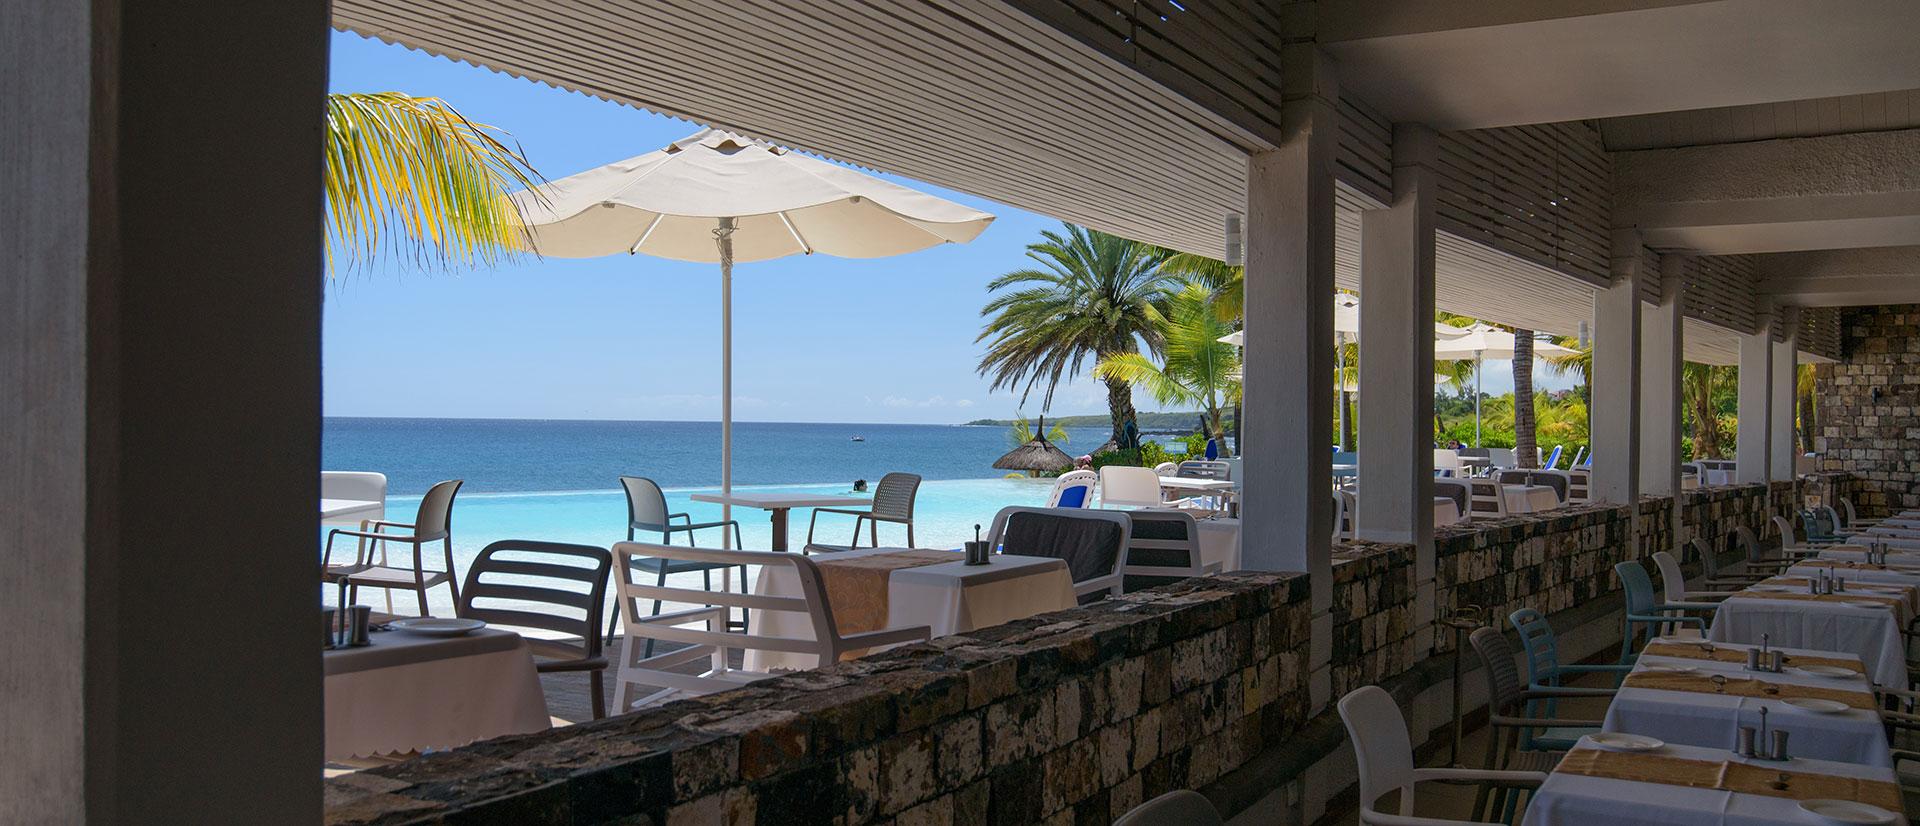 Anelia Resort Spa World Leisure Holidays